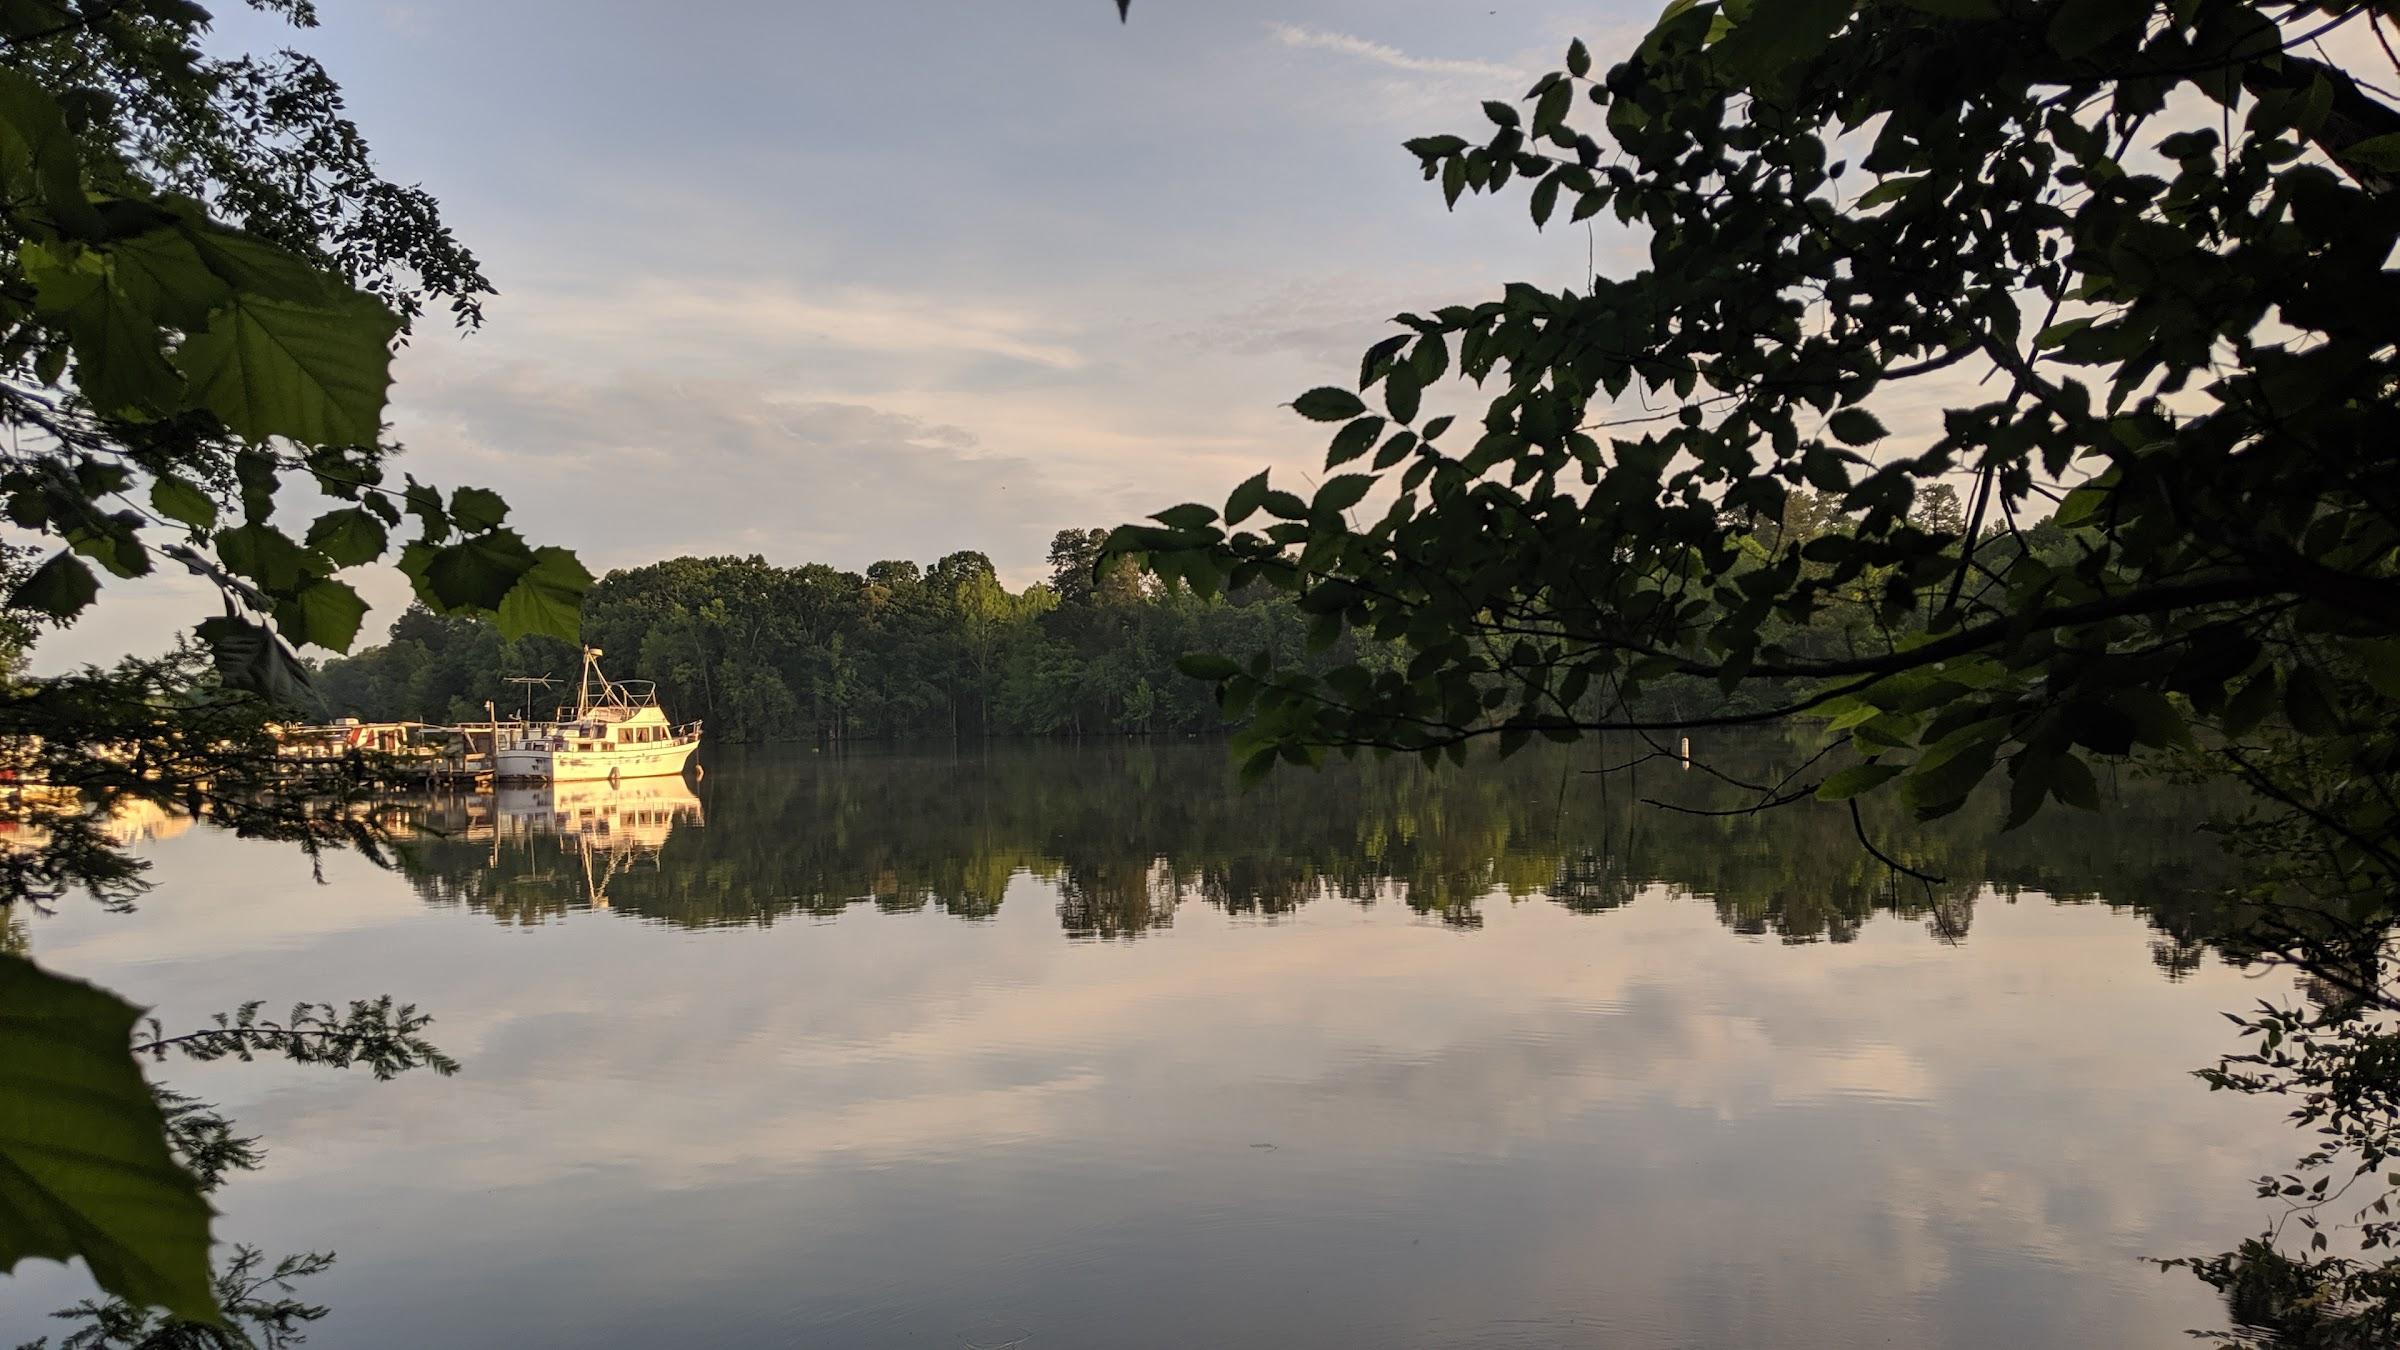 Eutaw Springs lake